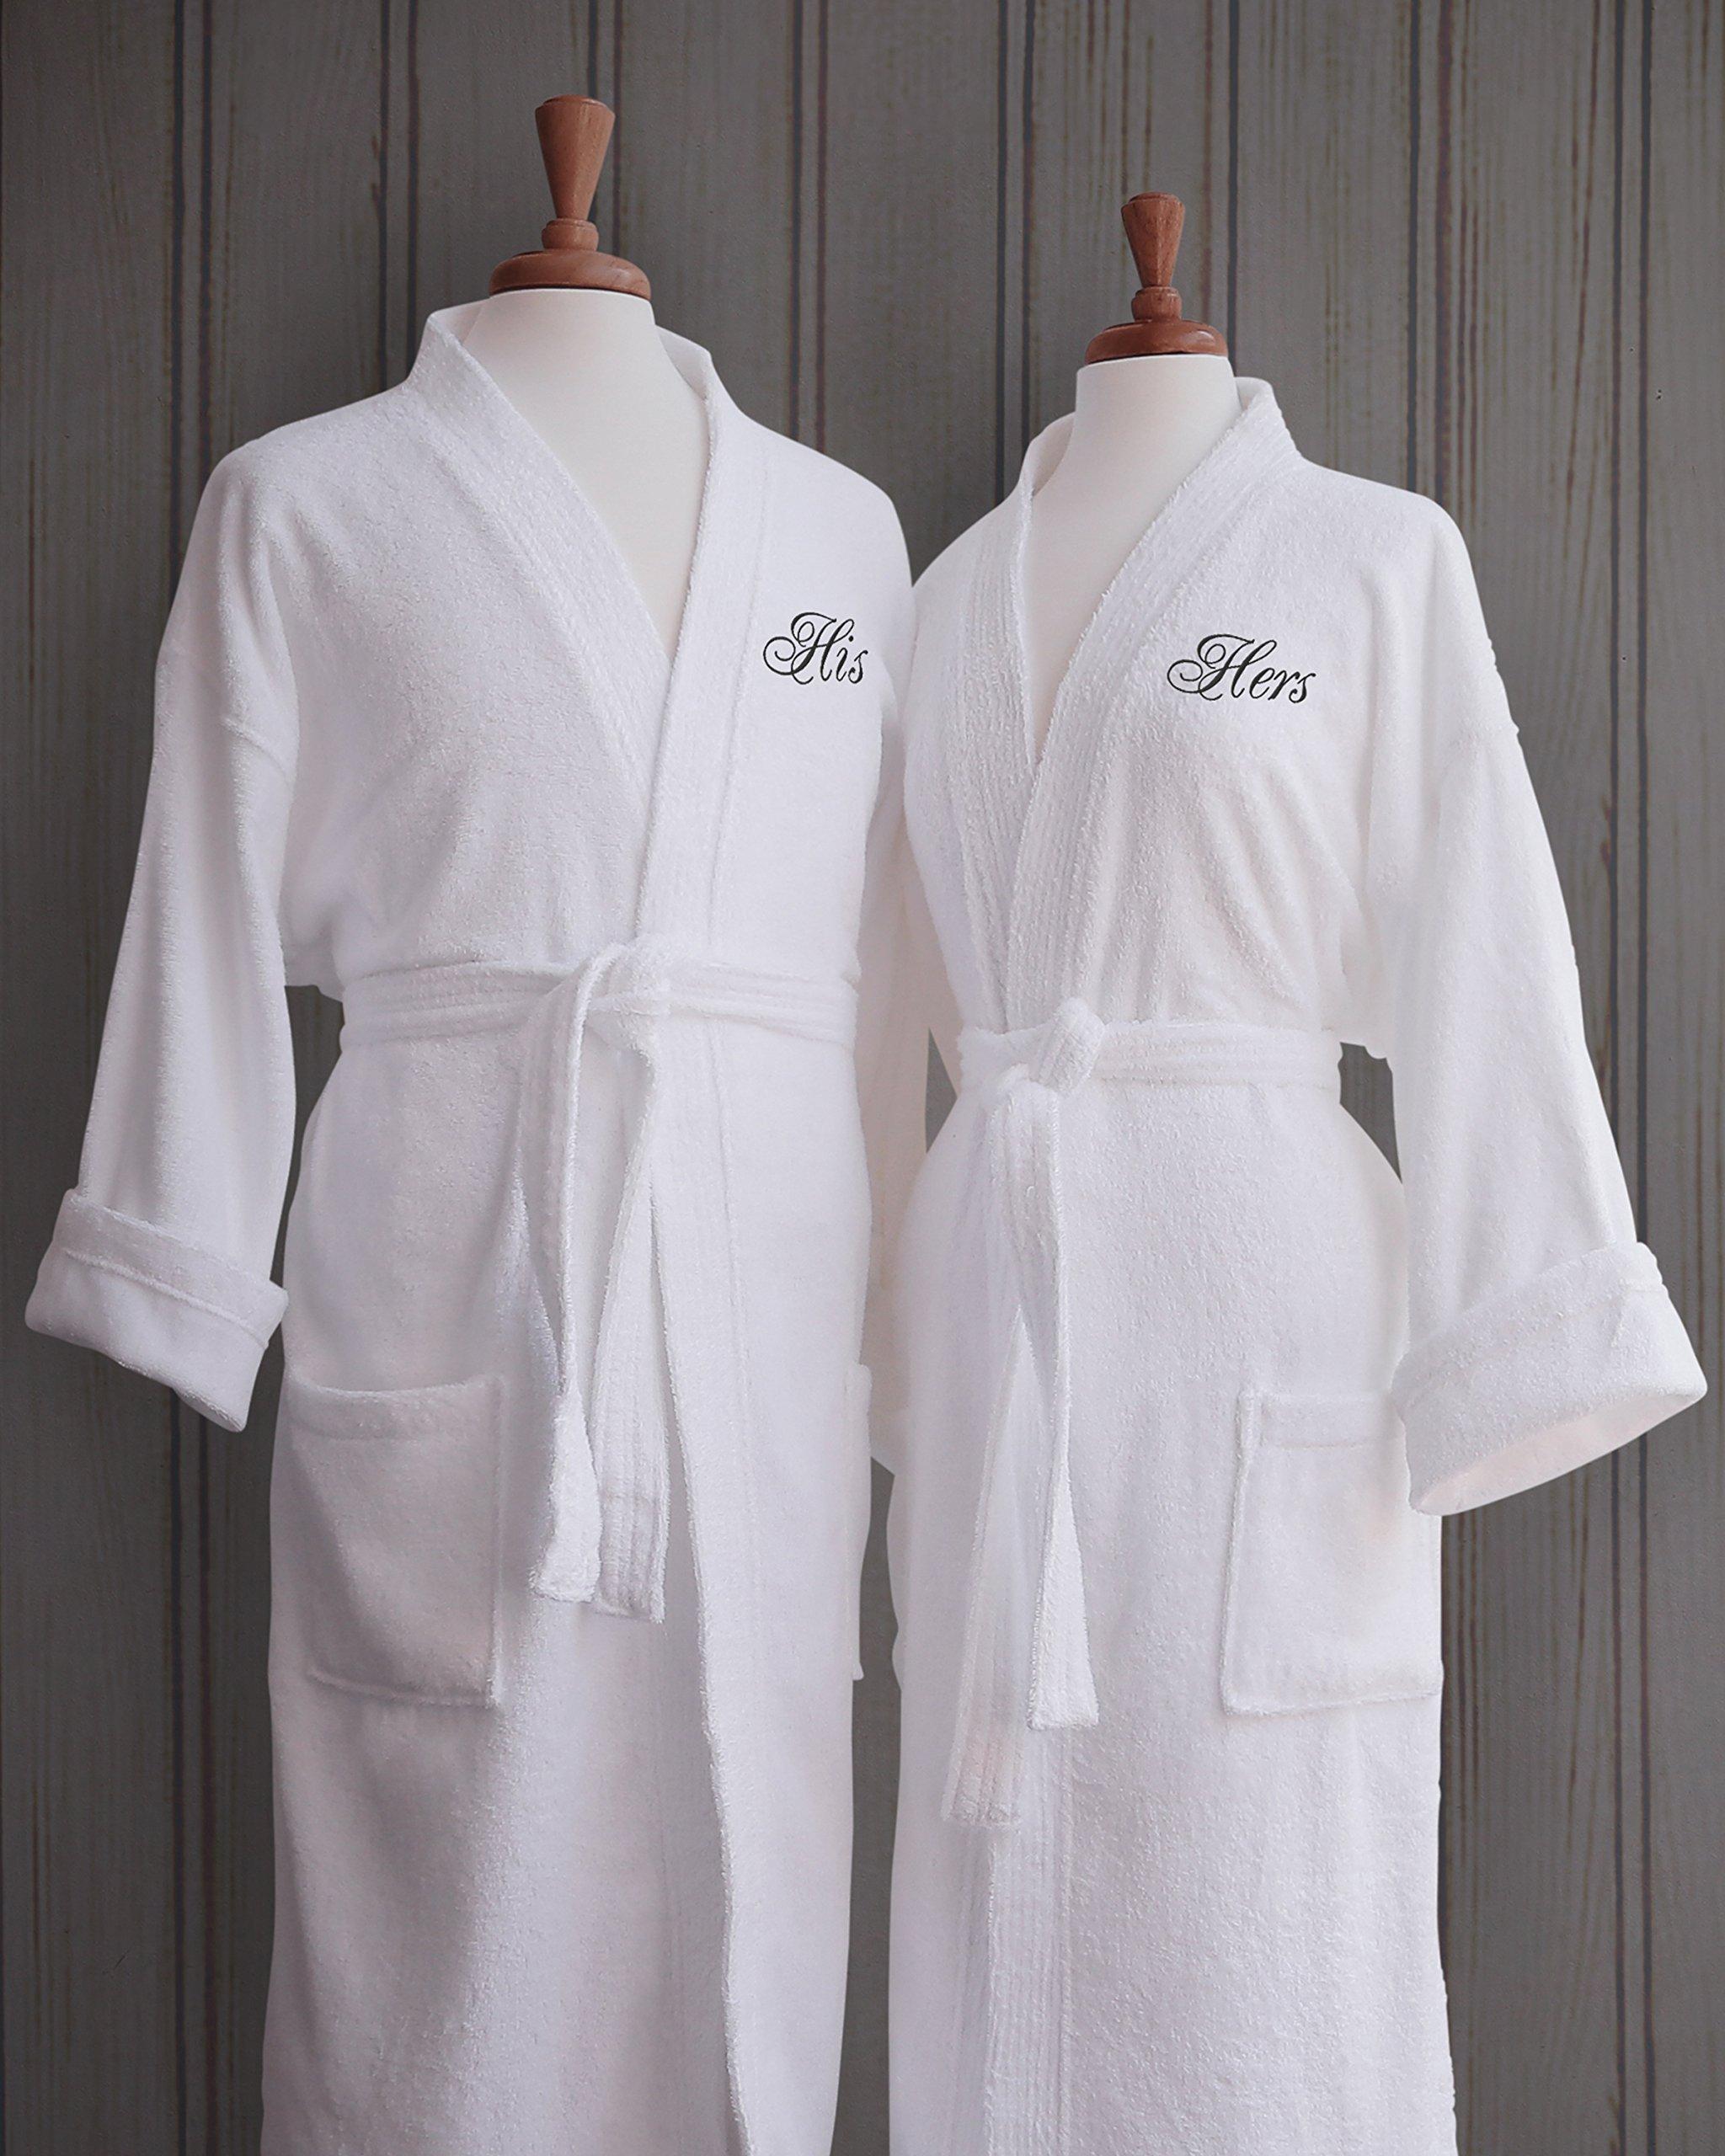 Luxor Linens - Terry Cloth Bathrobes - 100% Egyptian Cotton His   Her  Bathrobe Set 006d49ccf